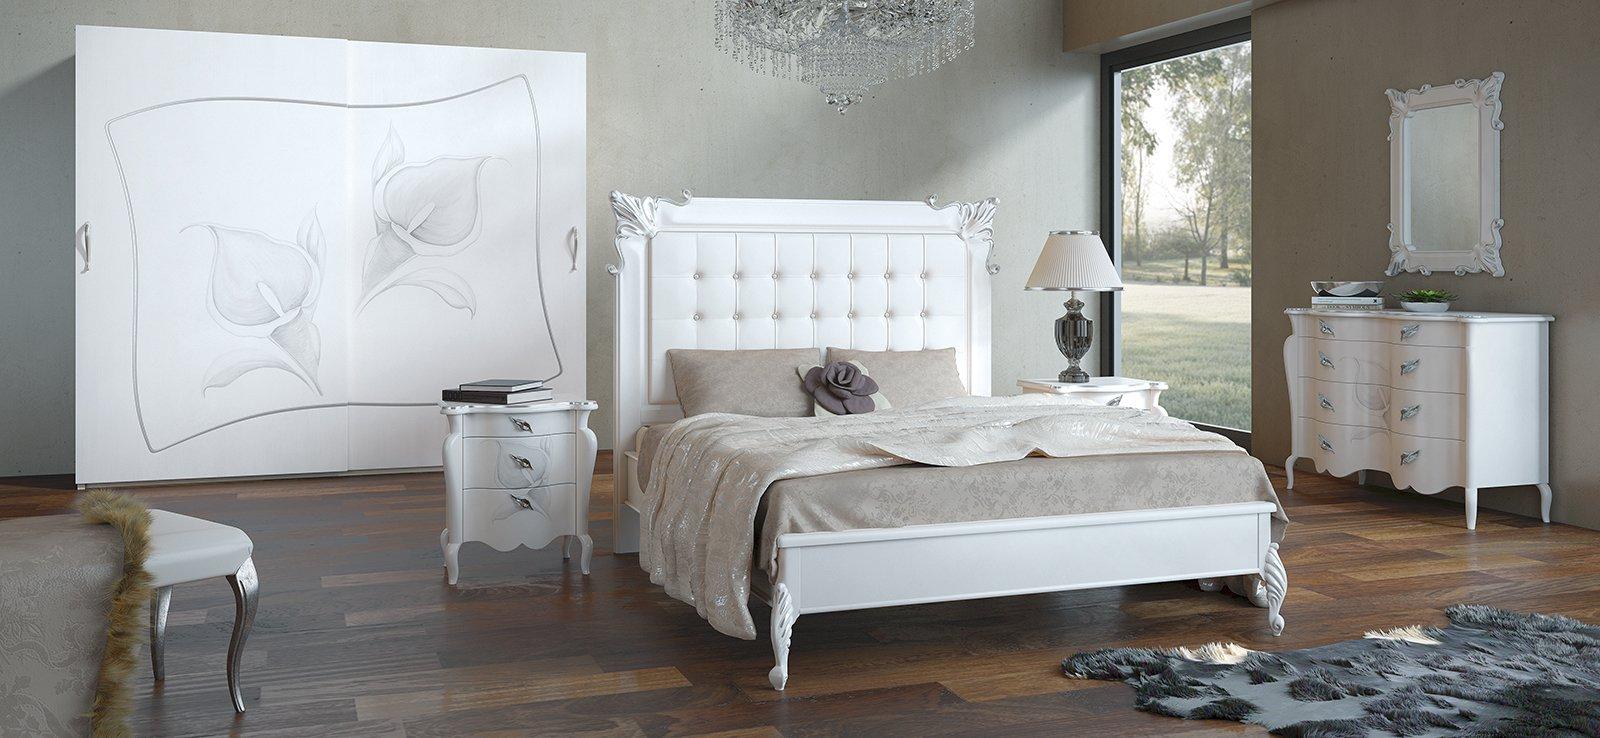 L 39 armadio decorato in stile new classic cose di casa - Cassettiere camera da letto ...